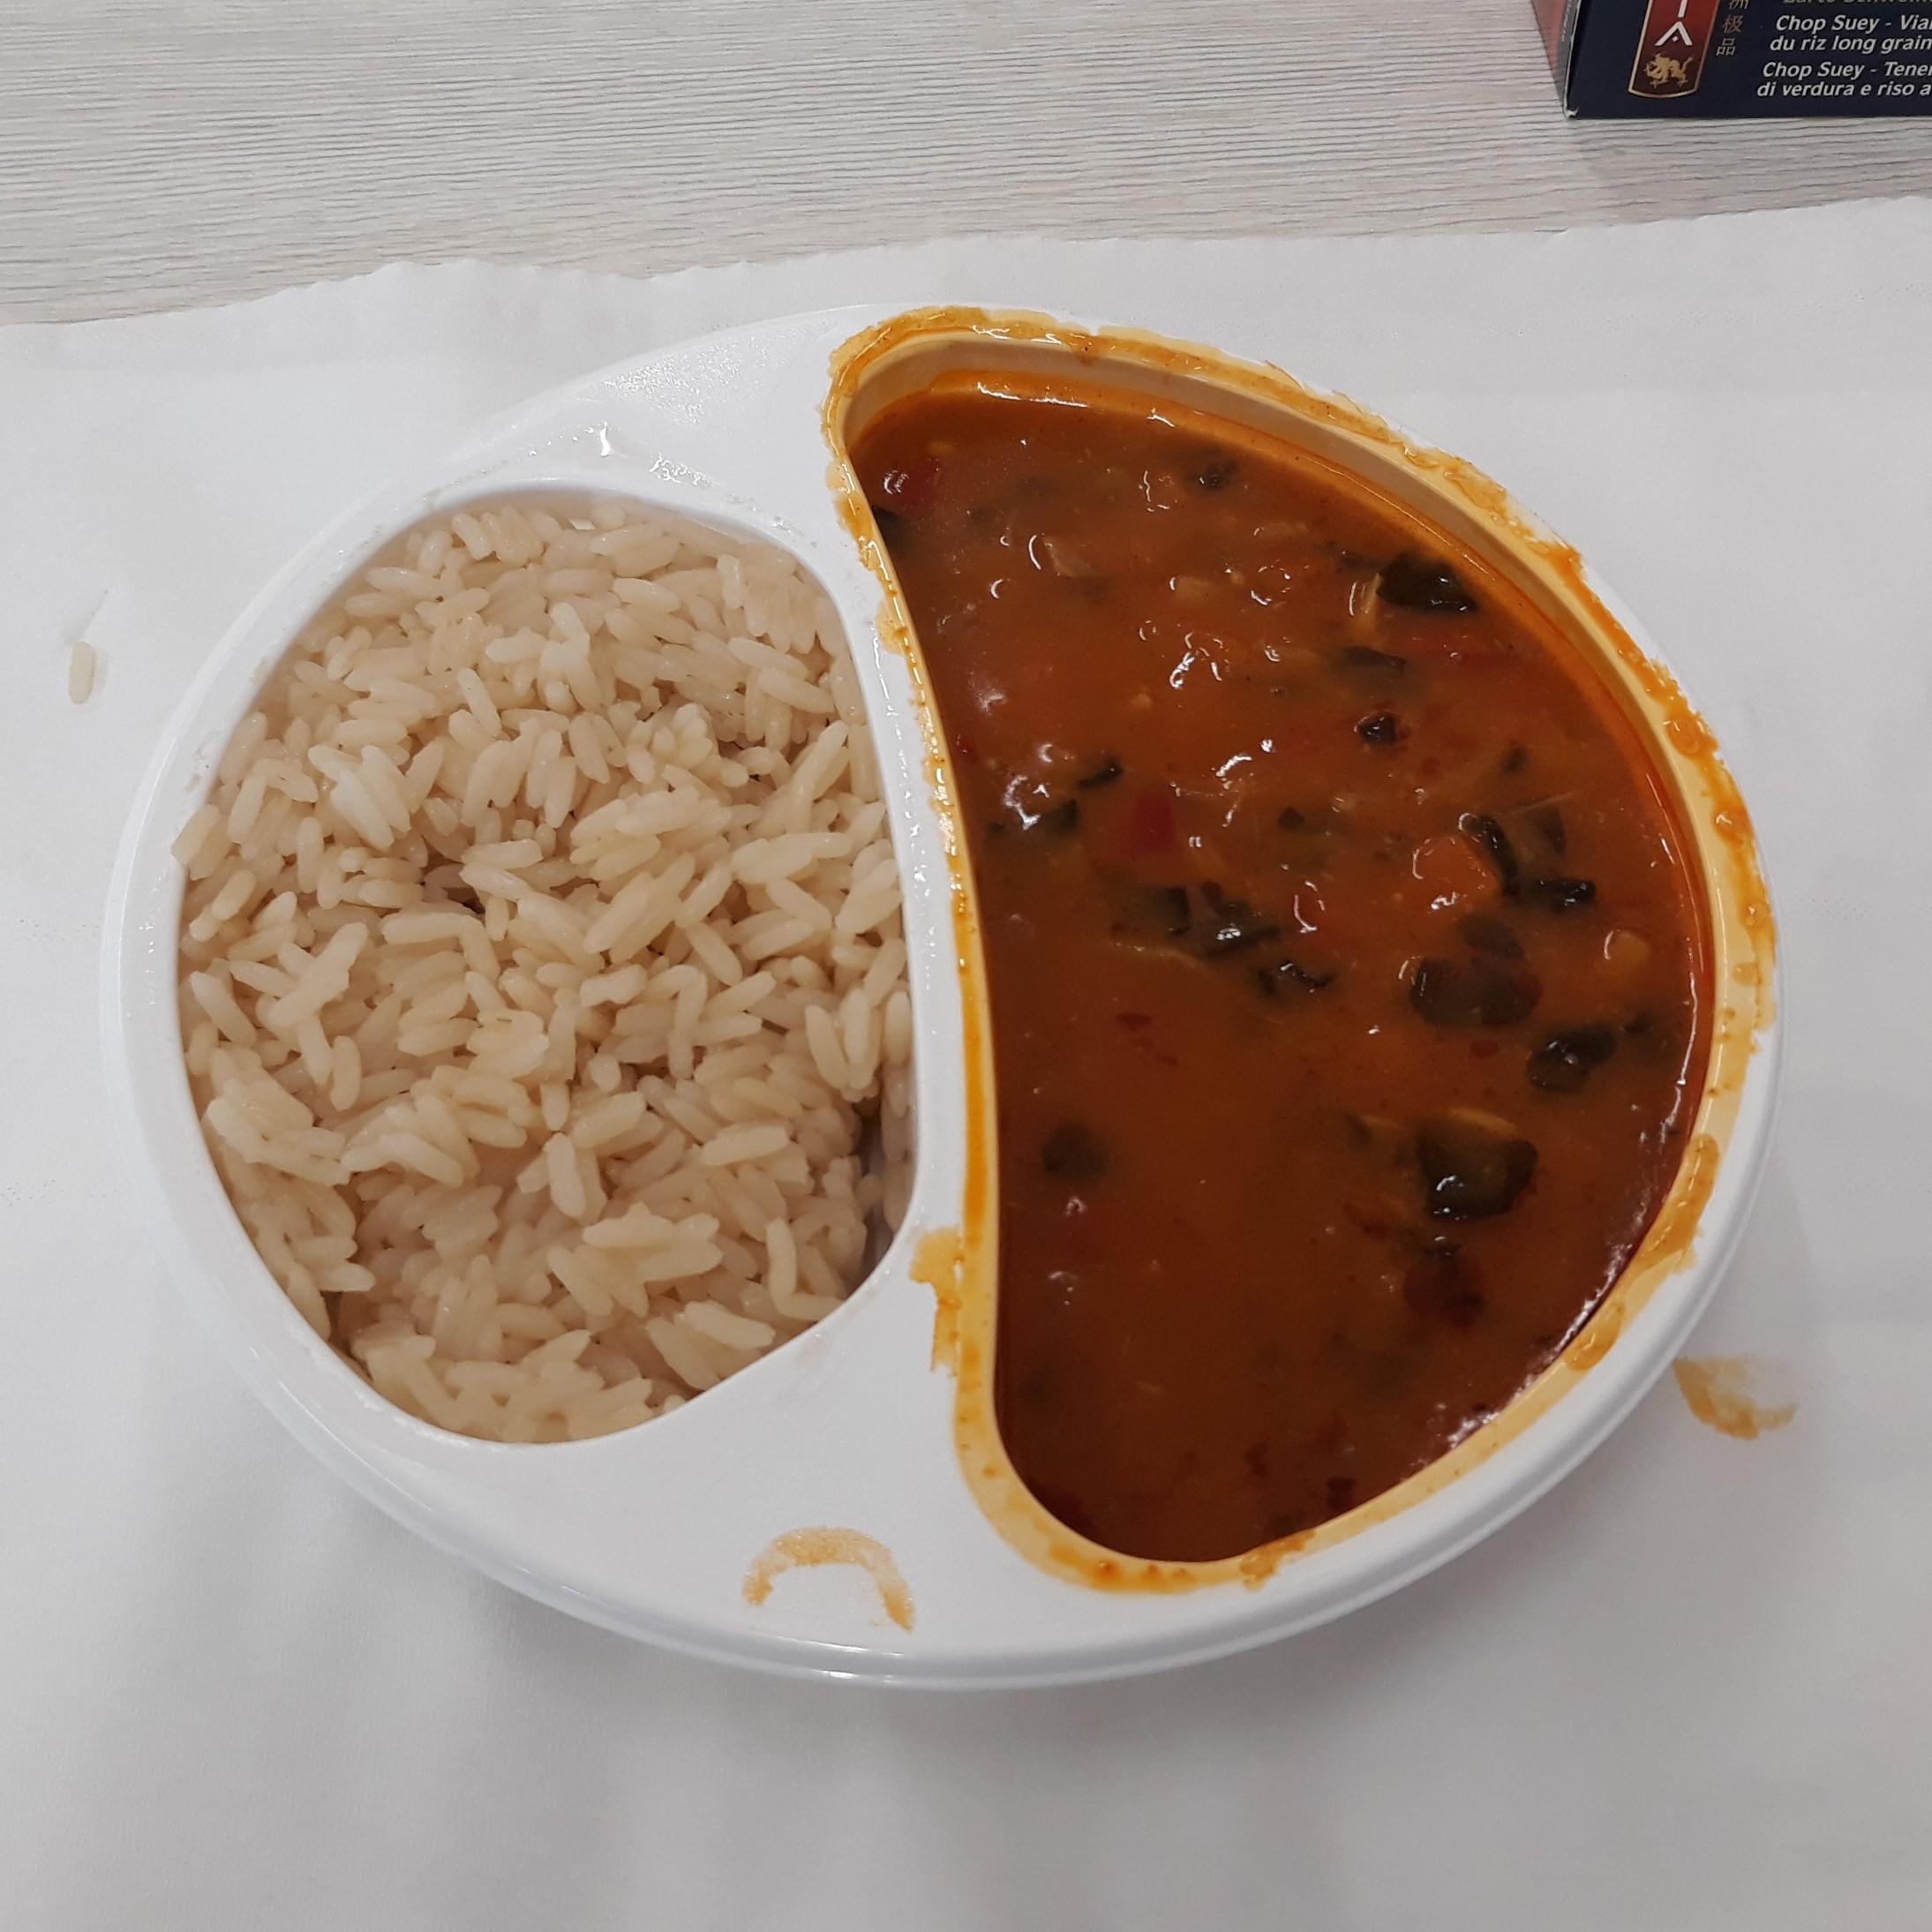 Chop Suey Aldi preparato